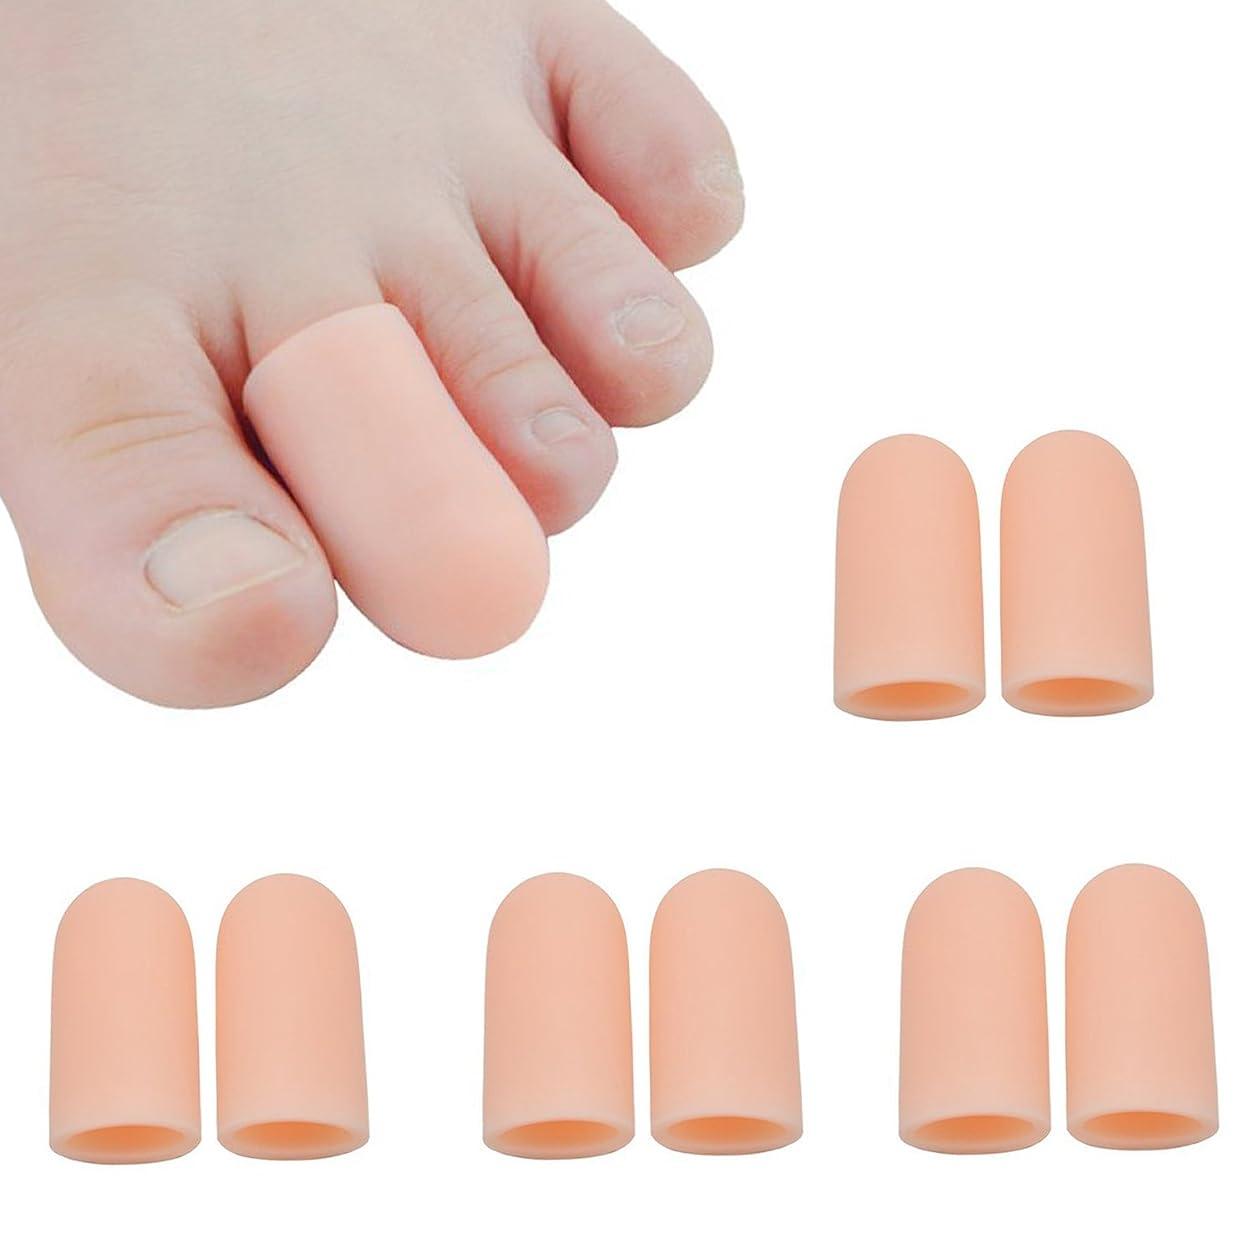 エスニック運ぶラジカル足指保護キャップ つま先プロテクター 足先のつめ保護キャップ シリコン (肌の色)